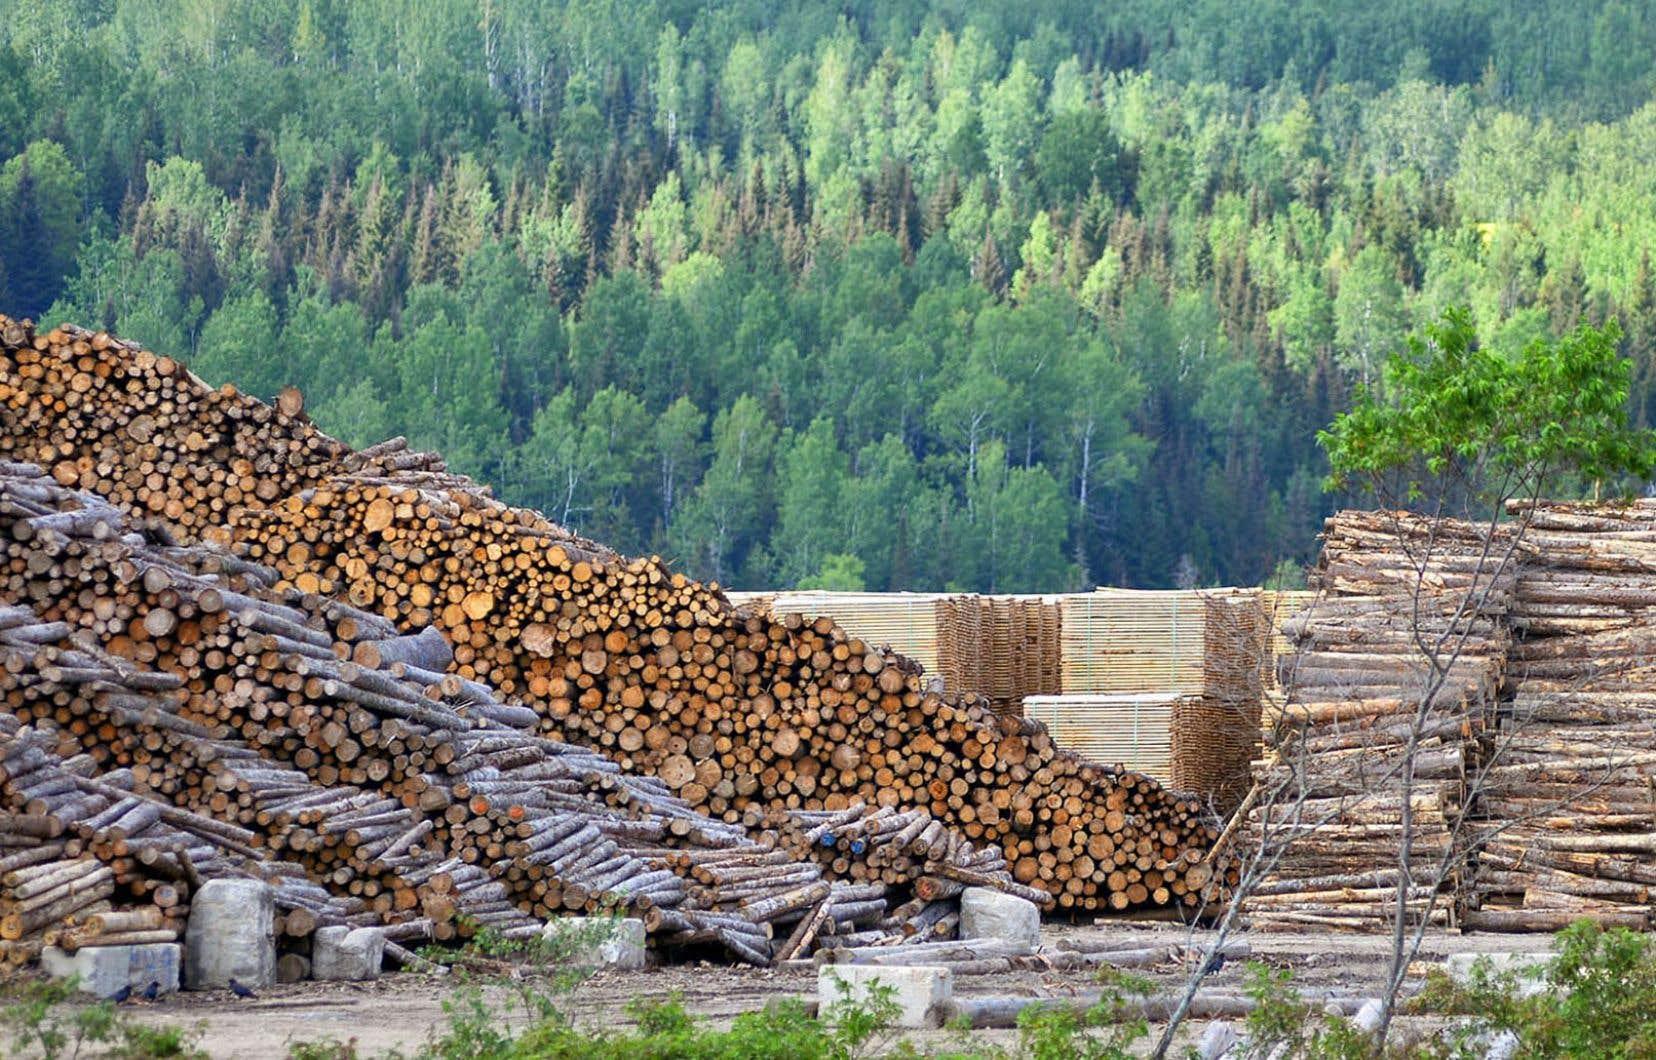 «Avec sa nouvelle Stratégie nationale de production de bois lancée en catimini à la veille de Noël en 2020, le MFFP n'a pas aidé sa cause en annonçant un accroissement du niveau de récolte de la forêt publique basé sur l'hypothèse d'une augmentation future de la production de bois qui résulterait d'interventions sylvicoles», croit l'auteur.